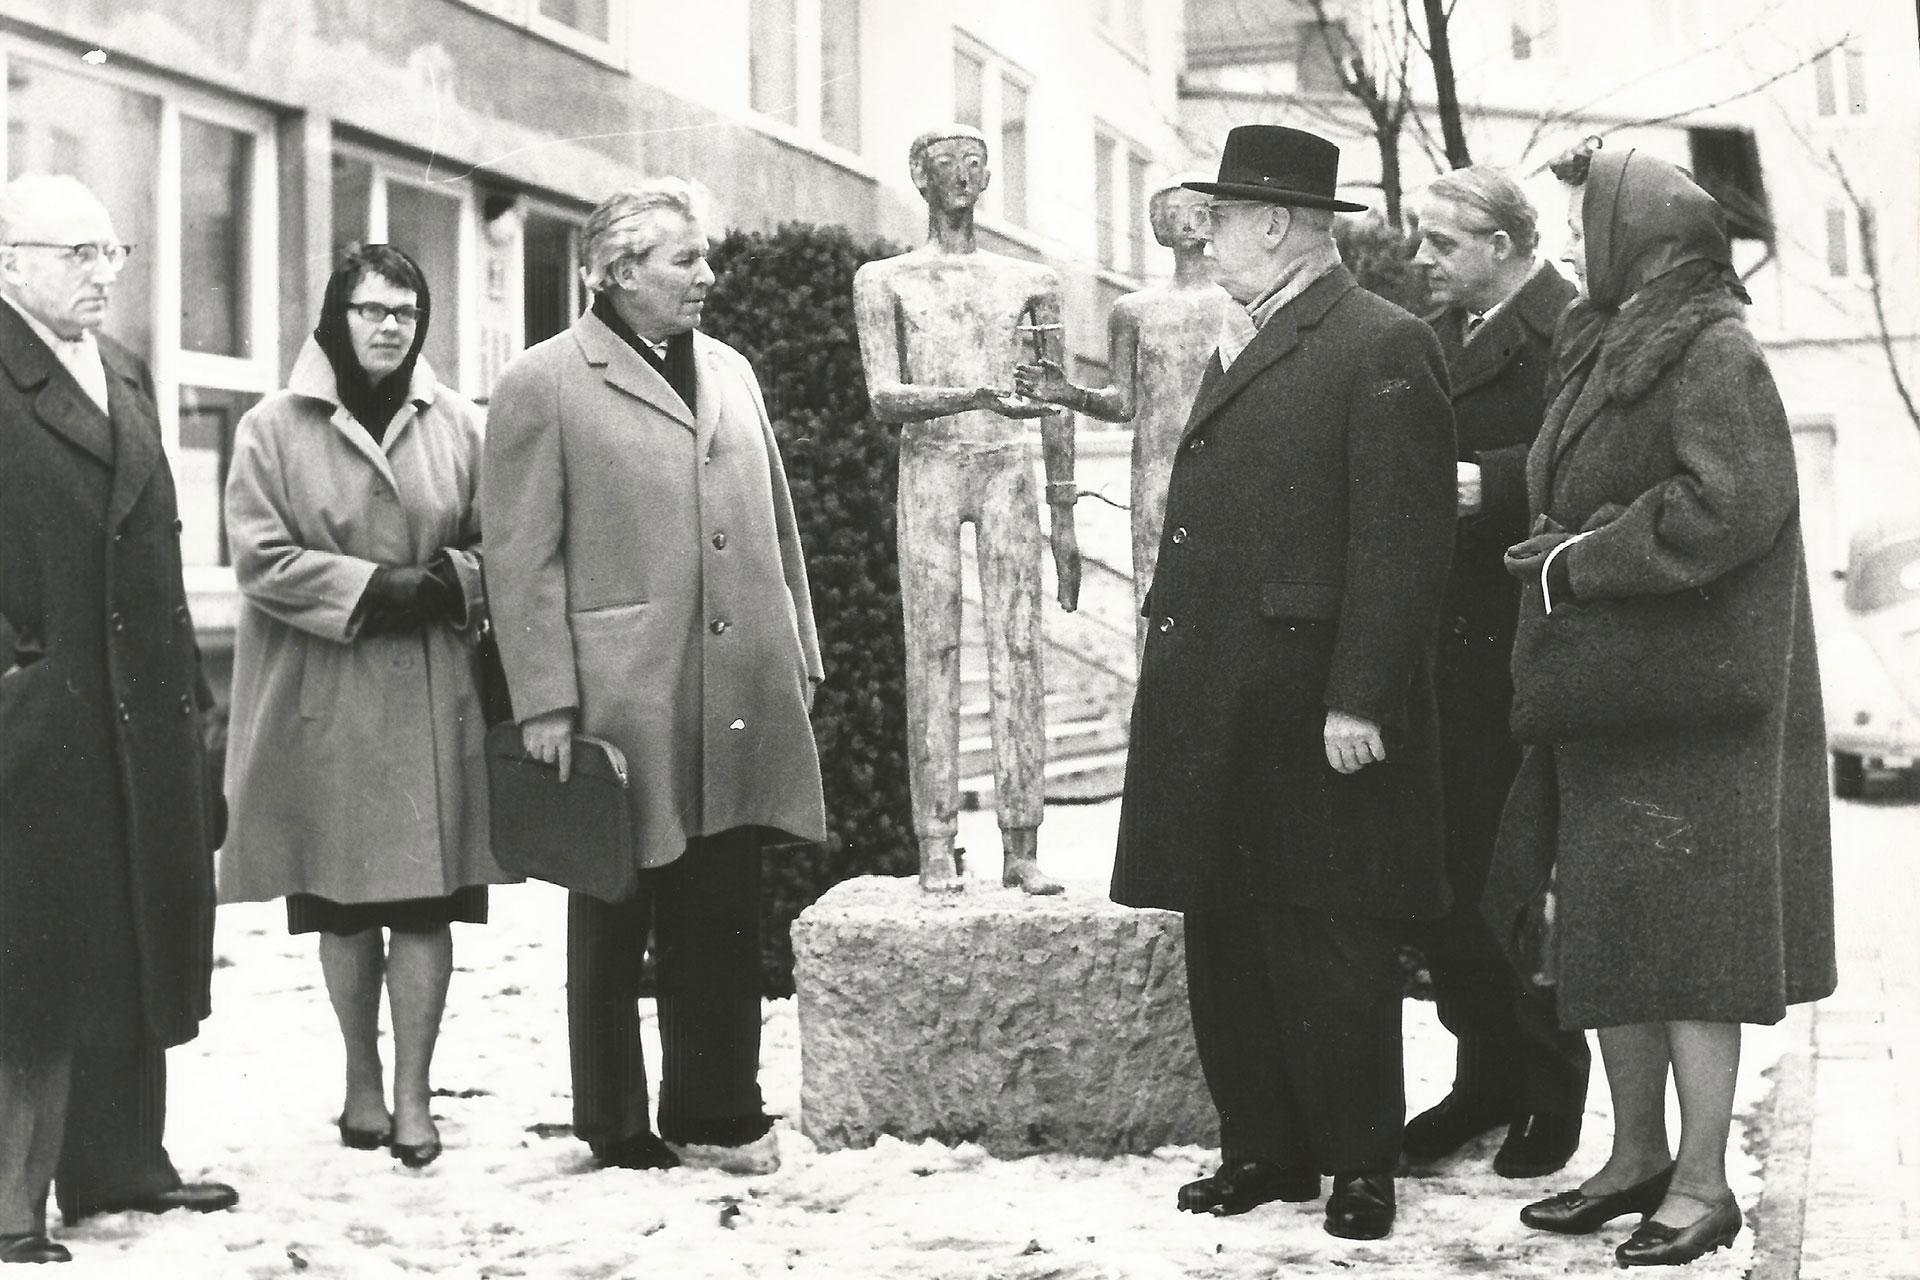 Am Denkmal: (v.l.) Dr. Marchionini, Frau Dr. Marchionini, Alexander Graf von Stauffenberg